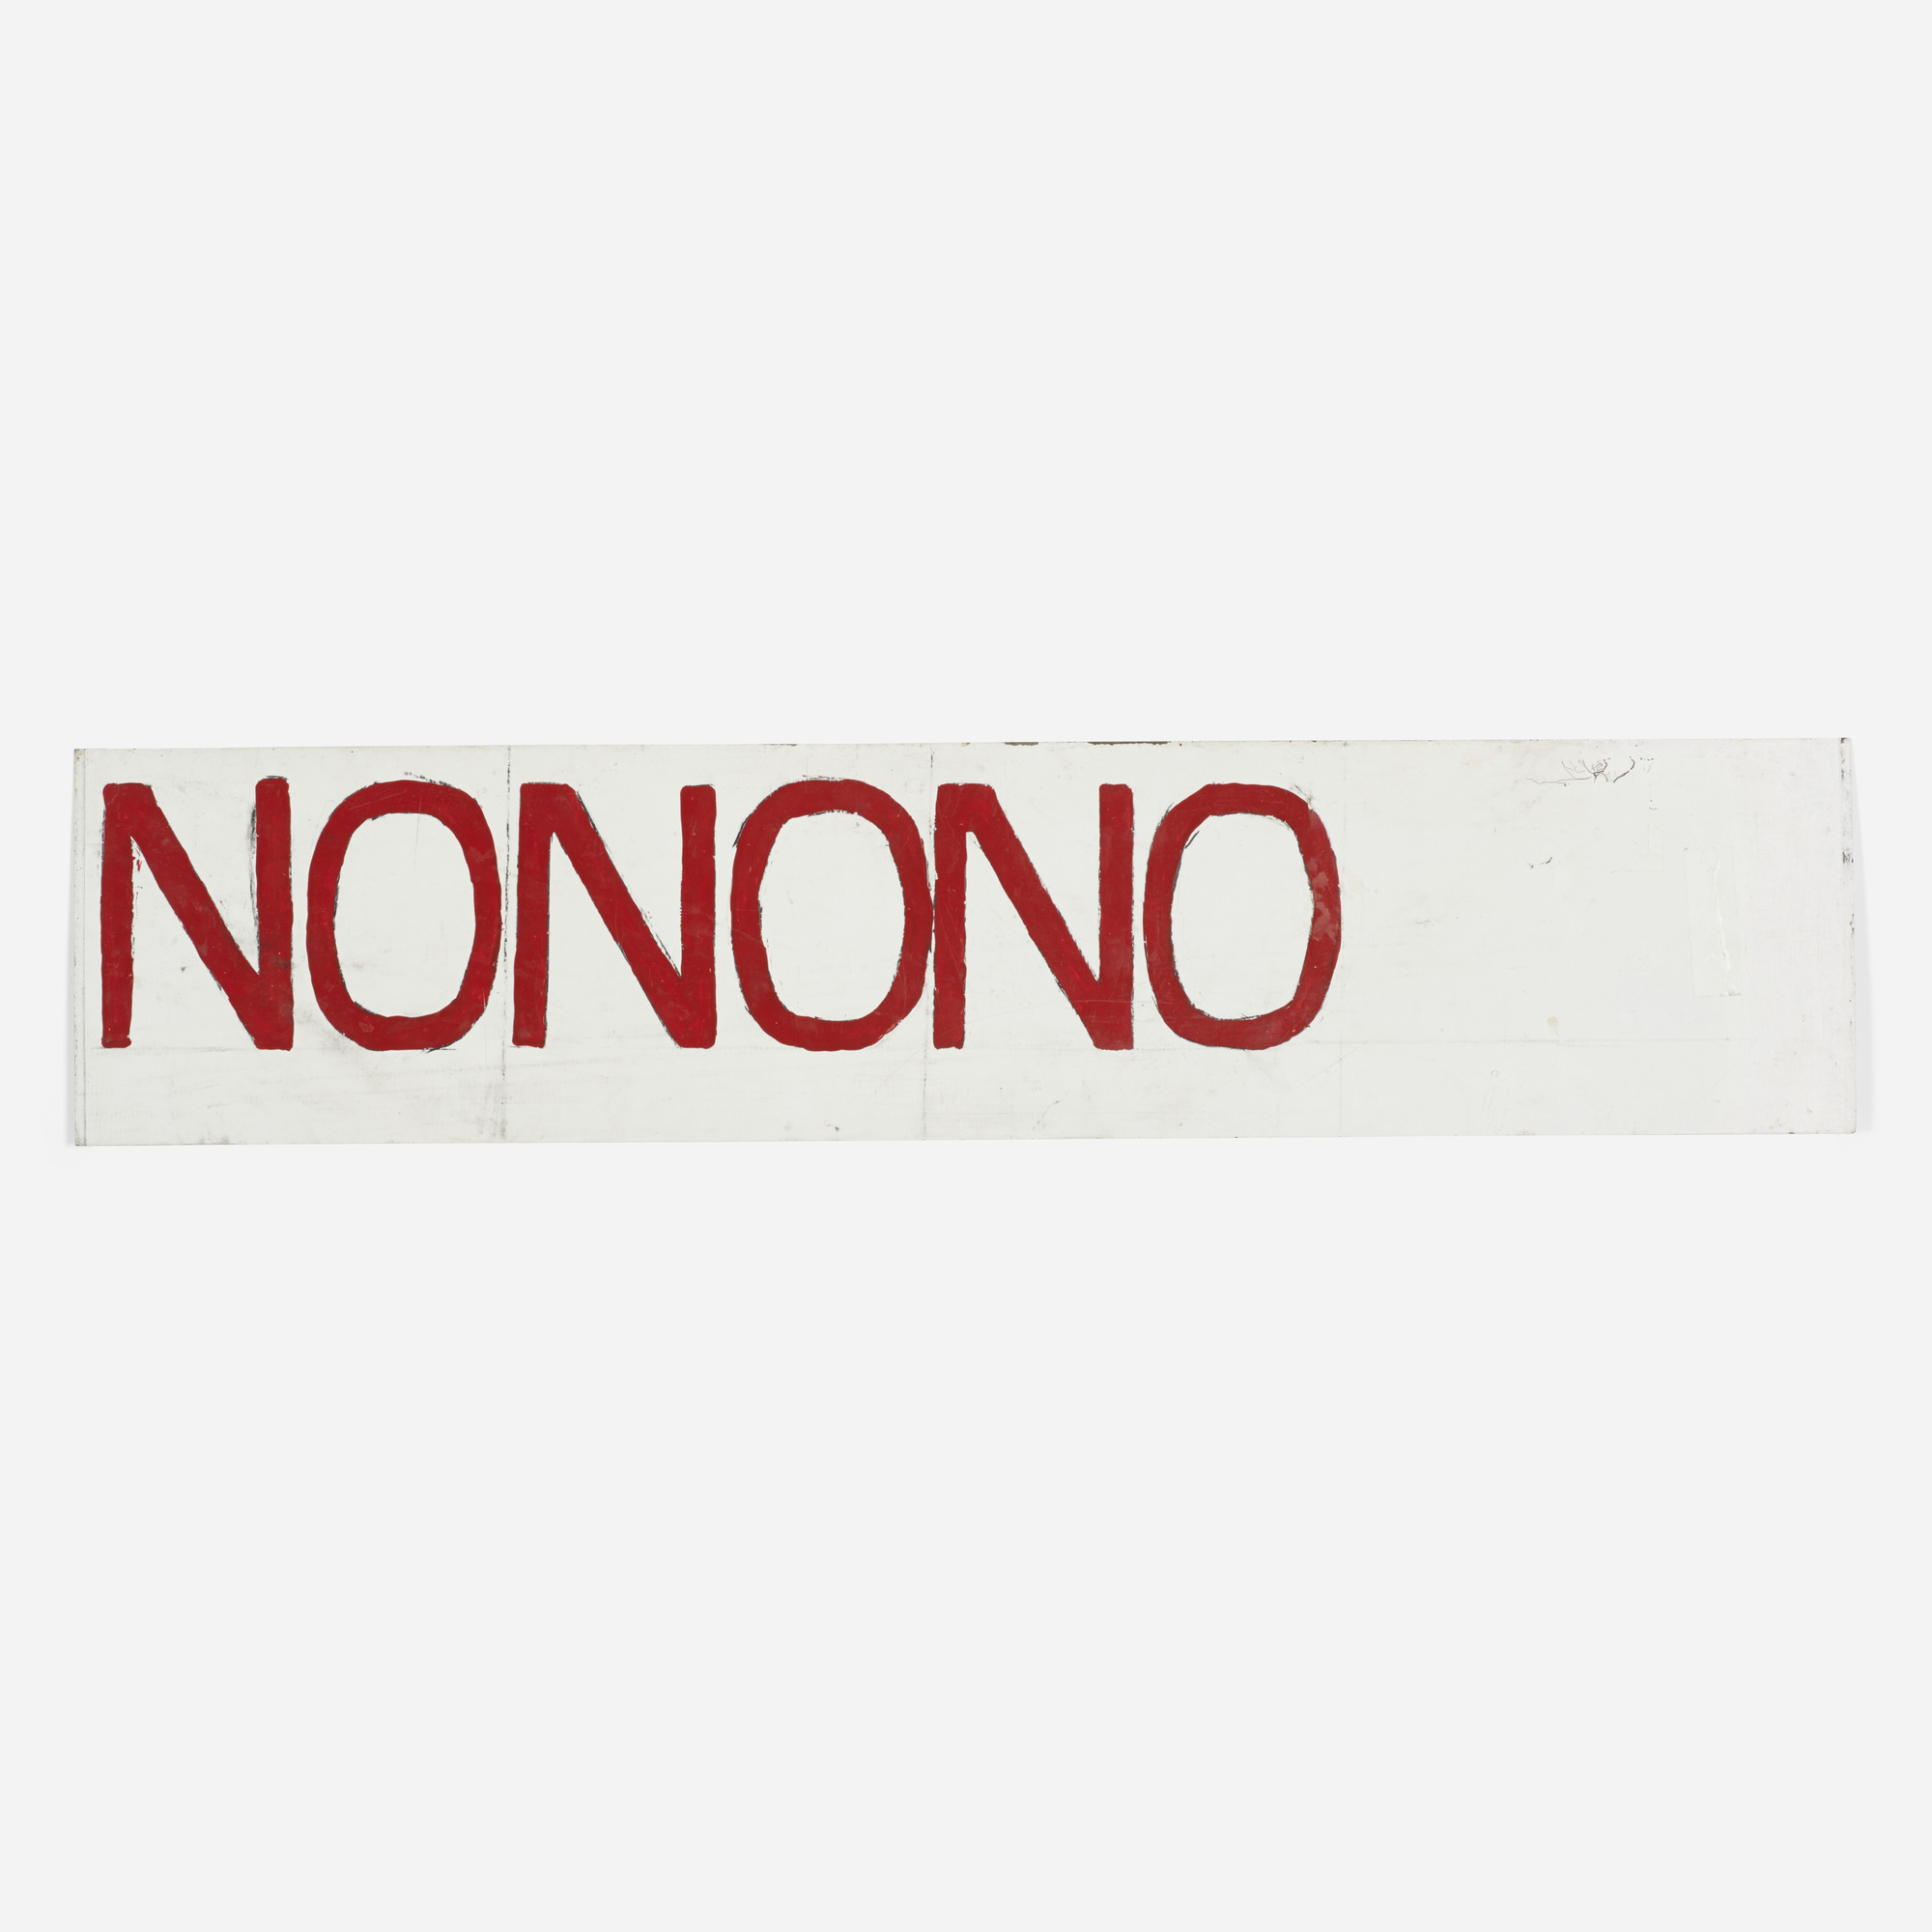 394: American Tobacco Company / cigarette sign (2 of 3)